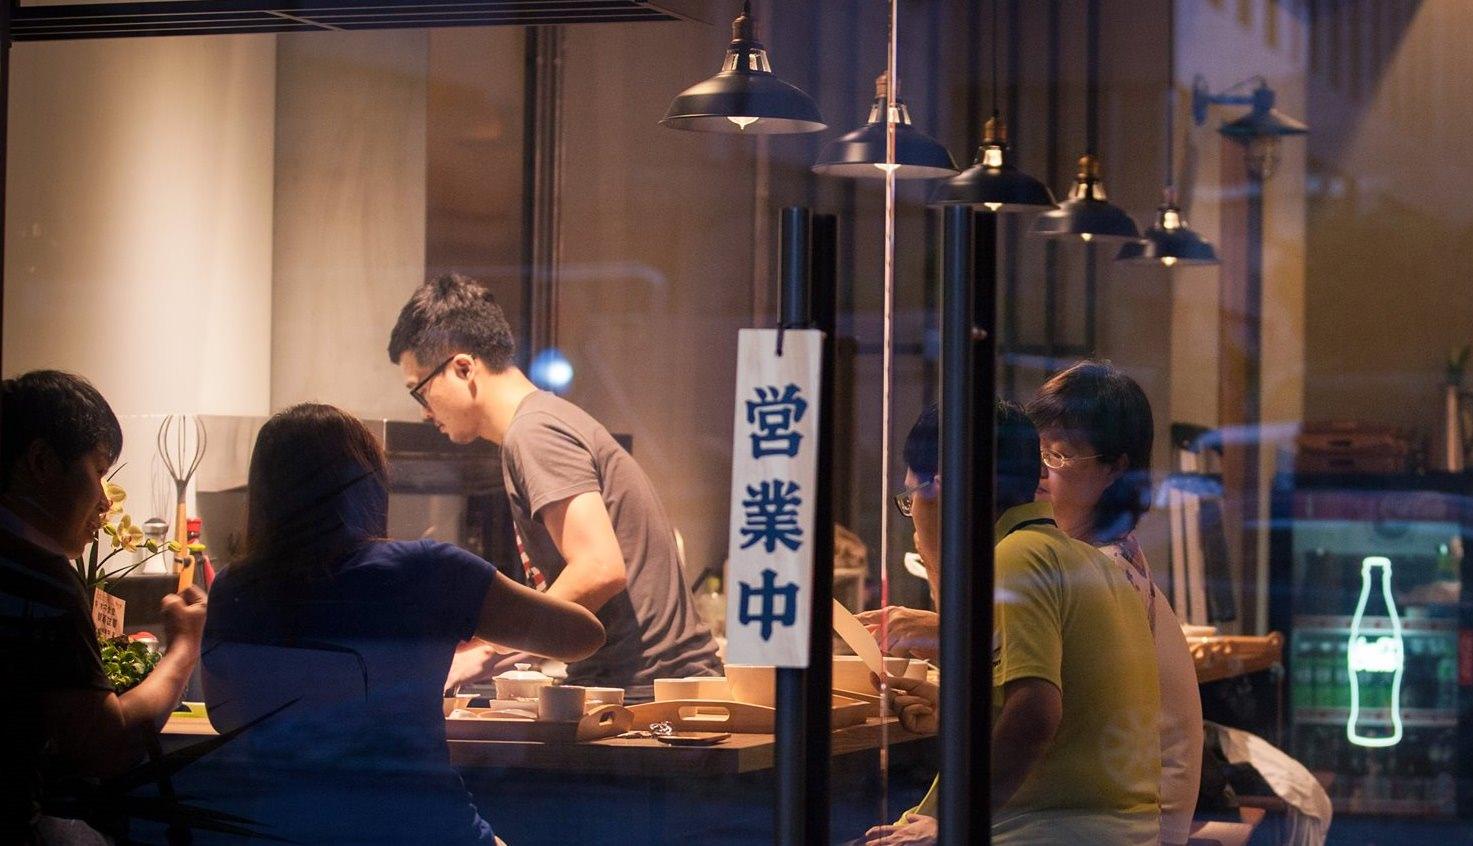 [高雄]木子食堂-巷弄深夜食堂!質感小店吃媽媽手作味道